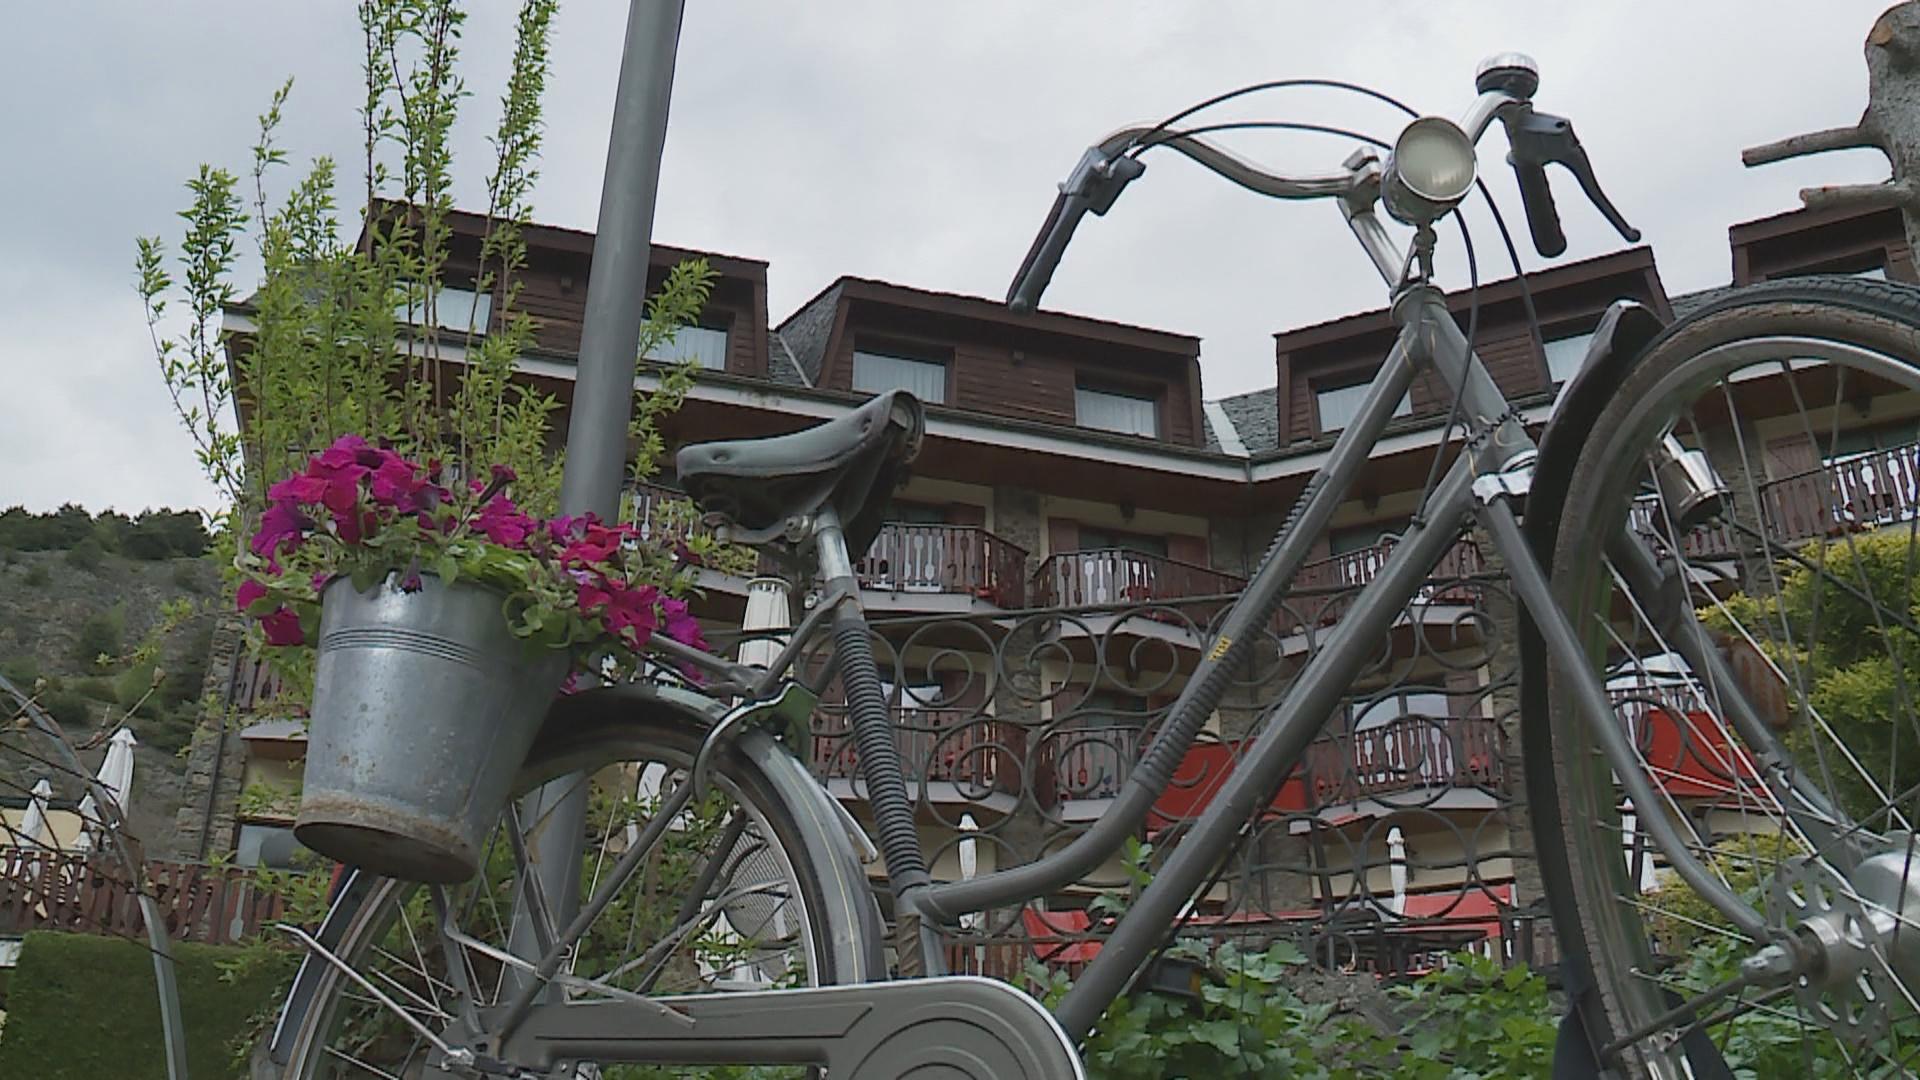 Neixen i es consoliden projectes per potenciar el cicloturisme a Andorra